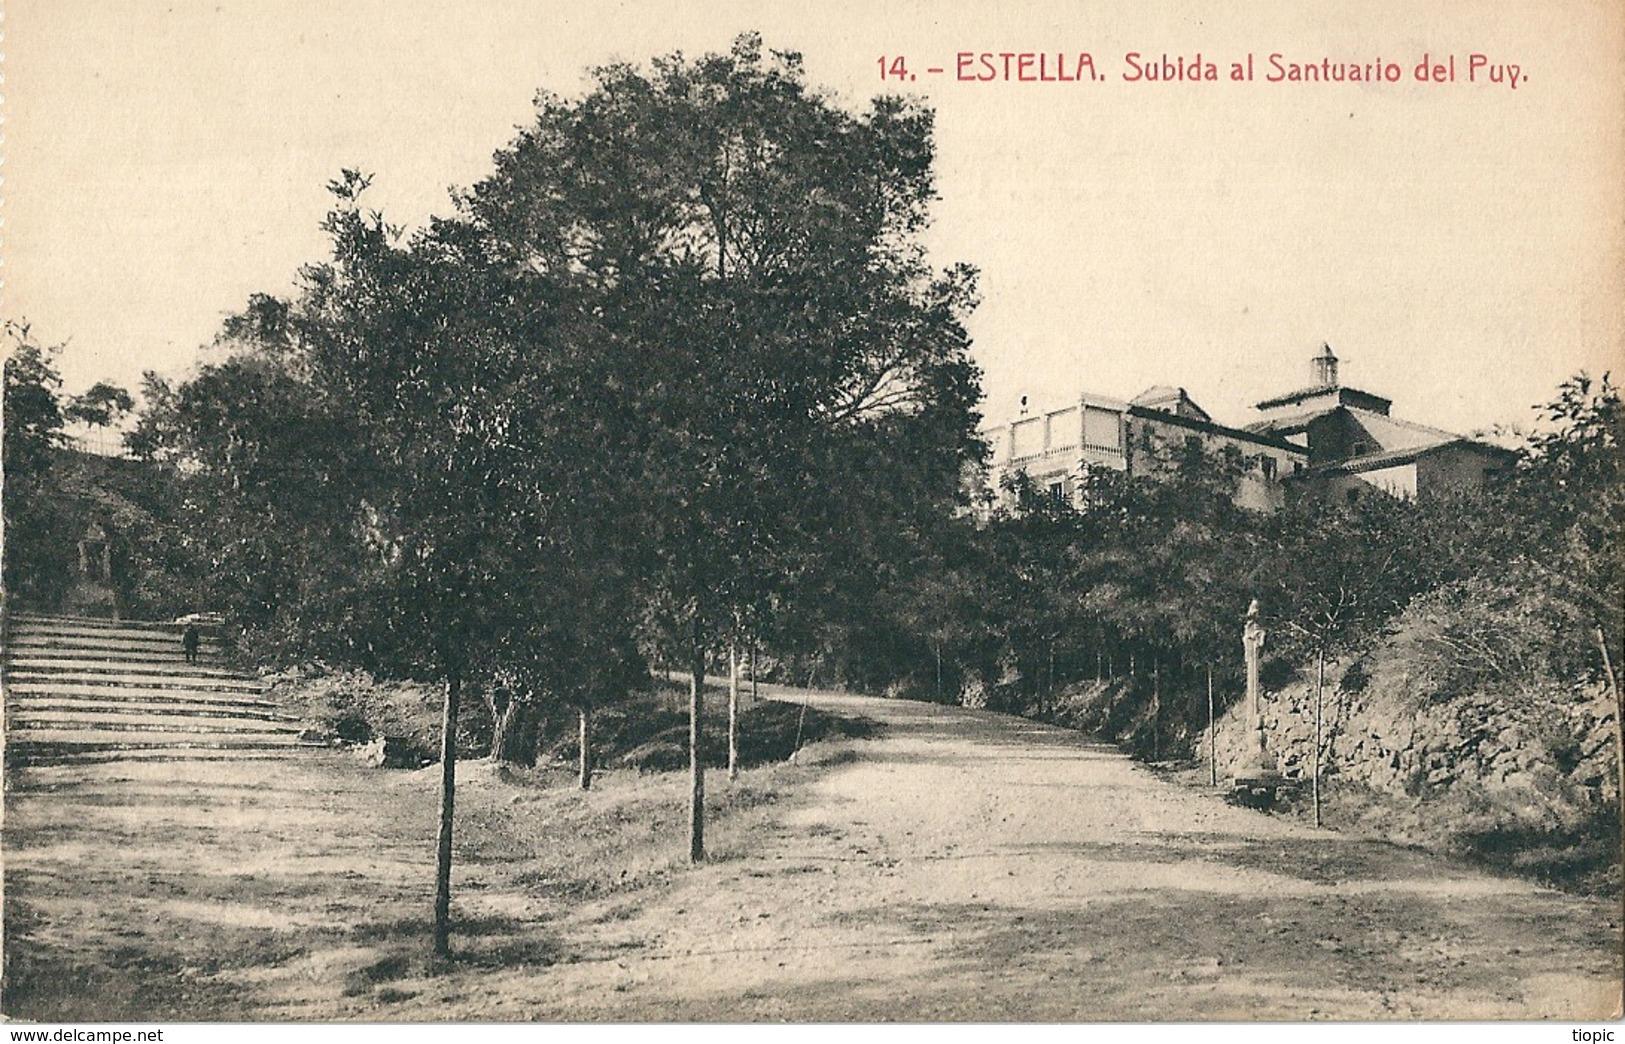 4  Cpa  D' ESTELLA   ( Espagne  ) Plaza E Iglesia De San Juan. Basilica De Nuestra Senora Del Puy, Puente Del Azucarero - Espagne